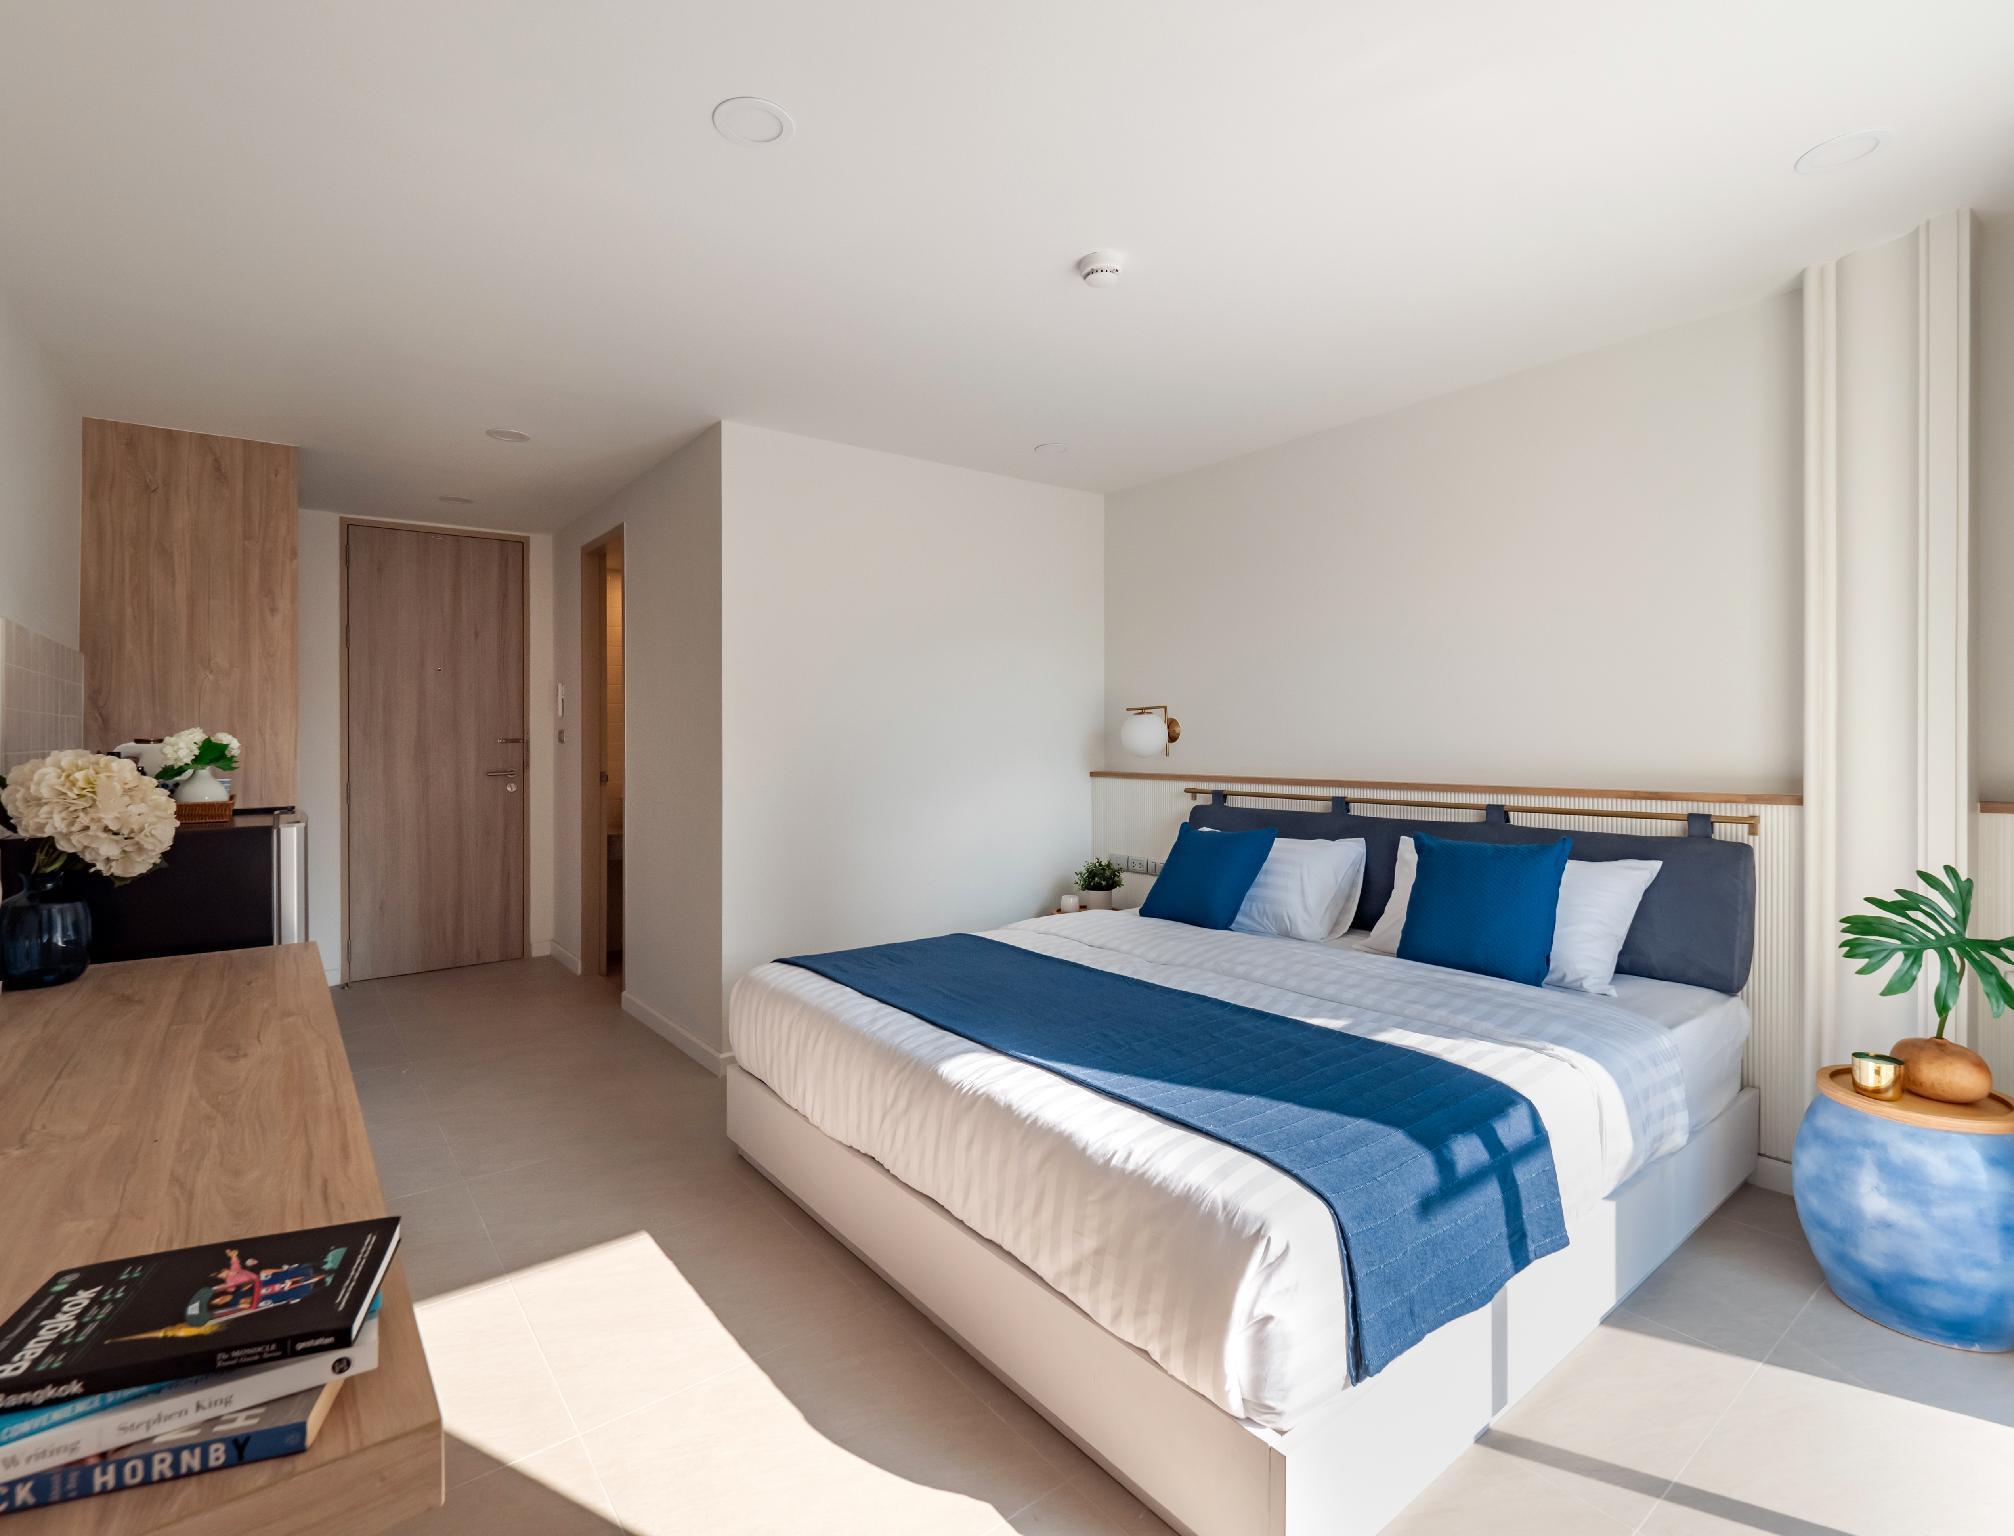 BLU395 /207 Room อพาร์ตเมนต์ 1 ห้องนอน 1 ห้องน้ำส่วนตัว ขนาด 27 ตร.ม. – จตุจักร